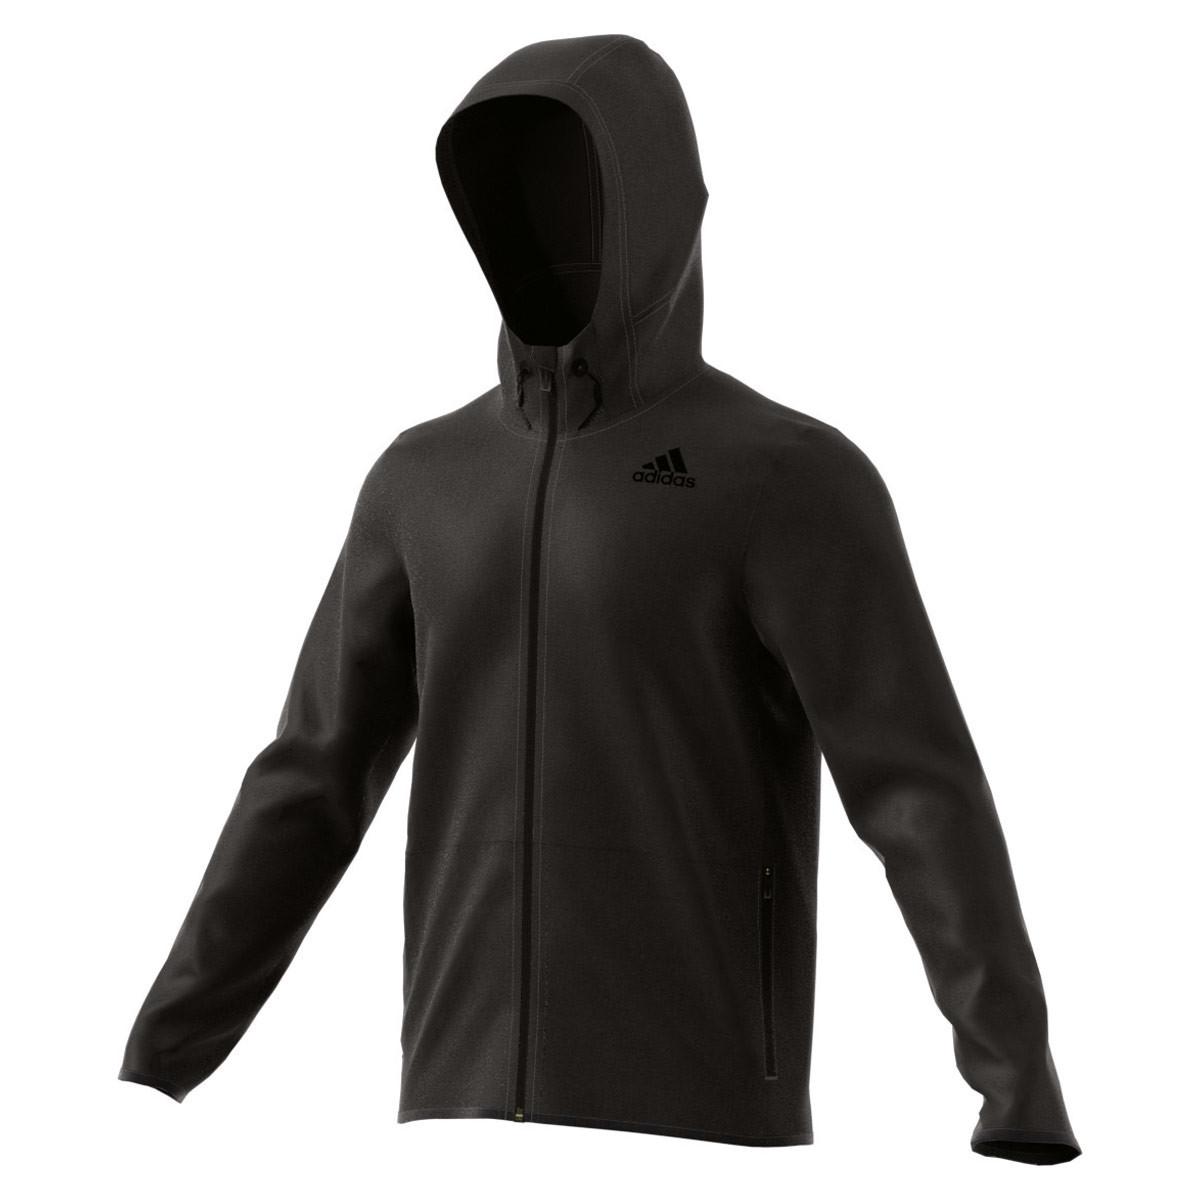 Sweats Adidas Climacool Fz Workout Pulls Noir Pour Homme TK13JlFc